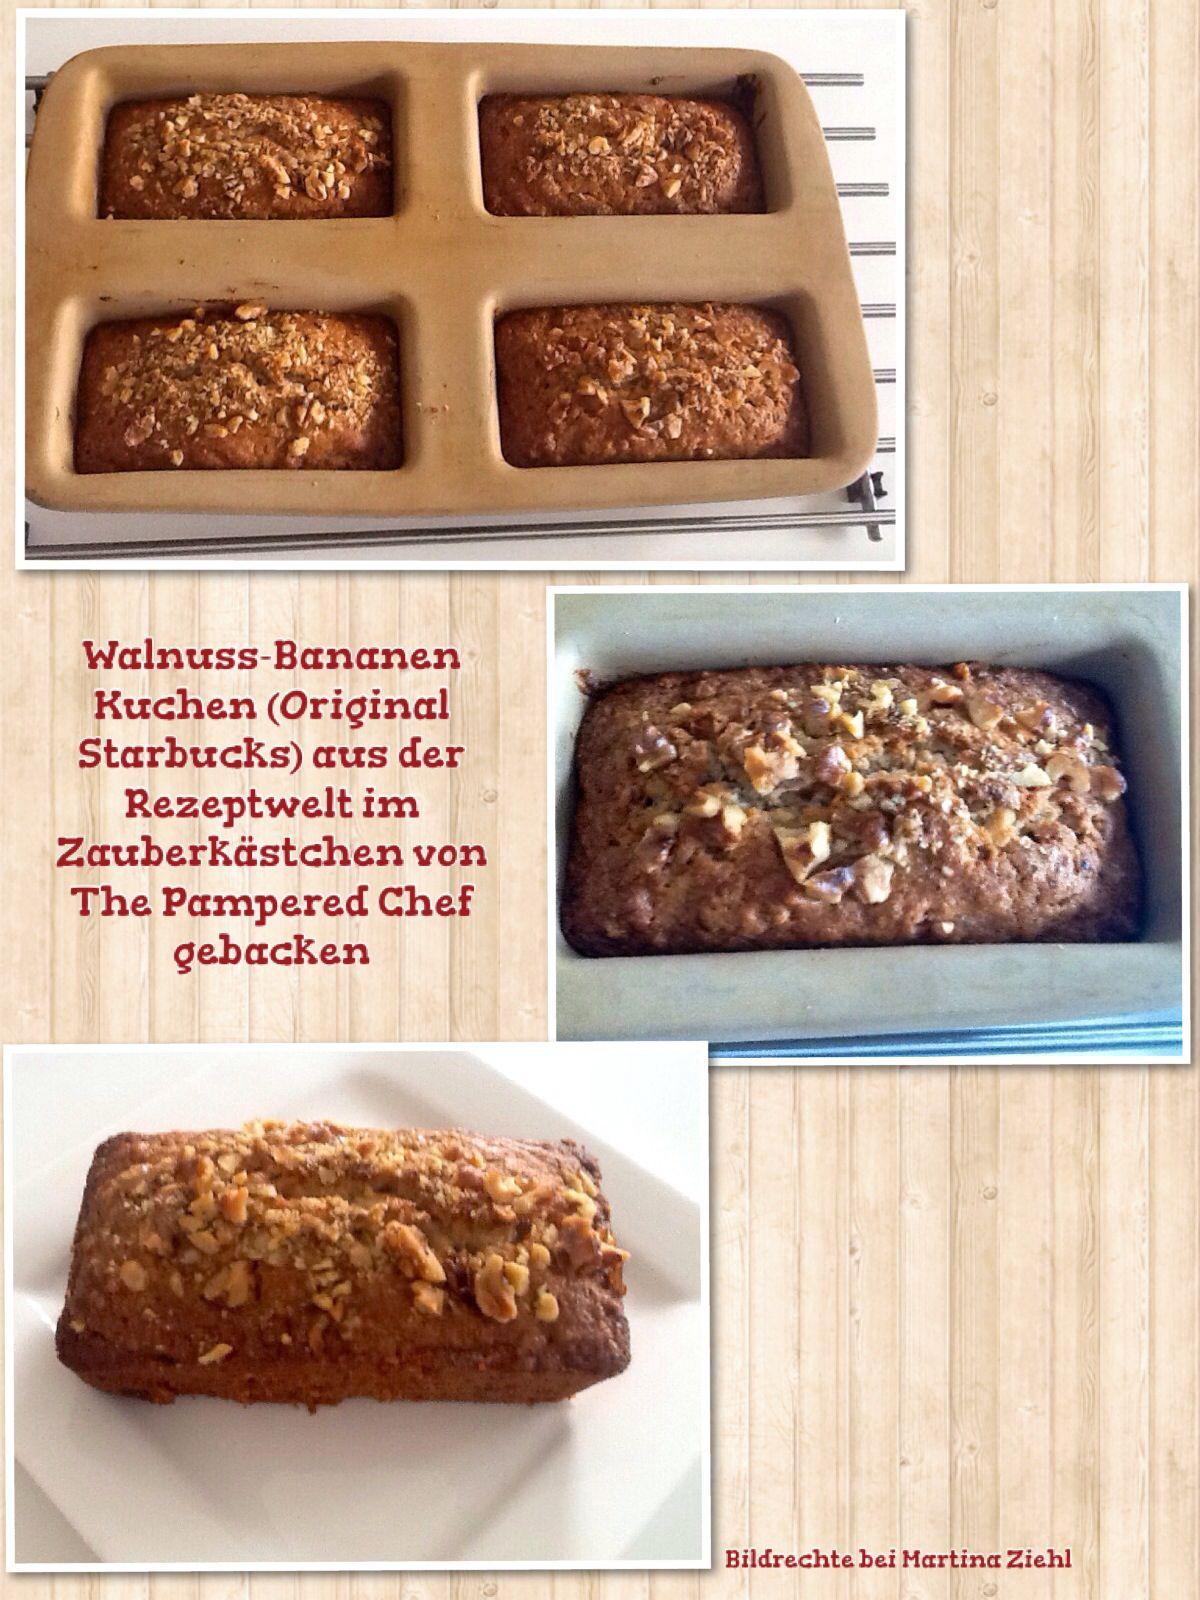 Gebacken Im Zauberkastchen Von The Pampered Chef Rezepte Backen Bananen Kuchen